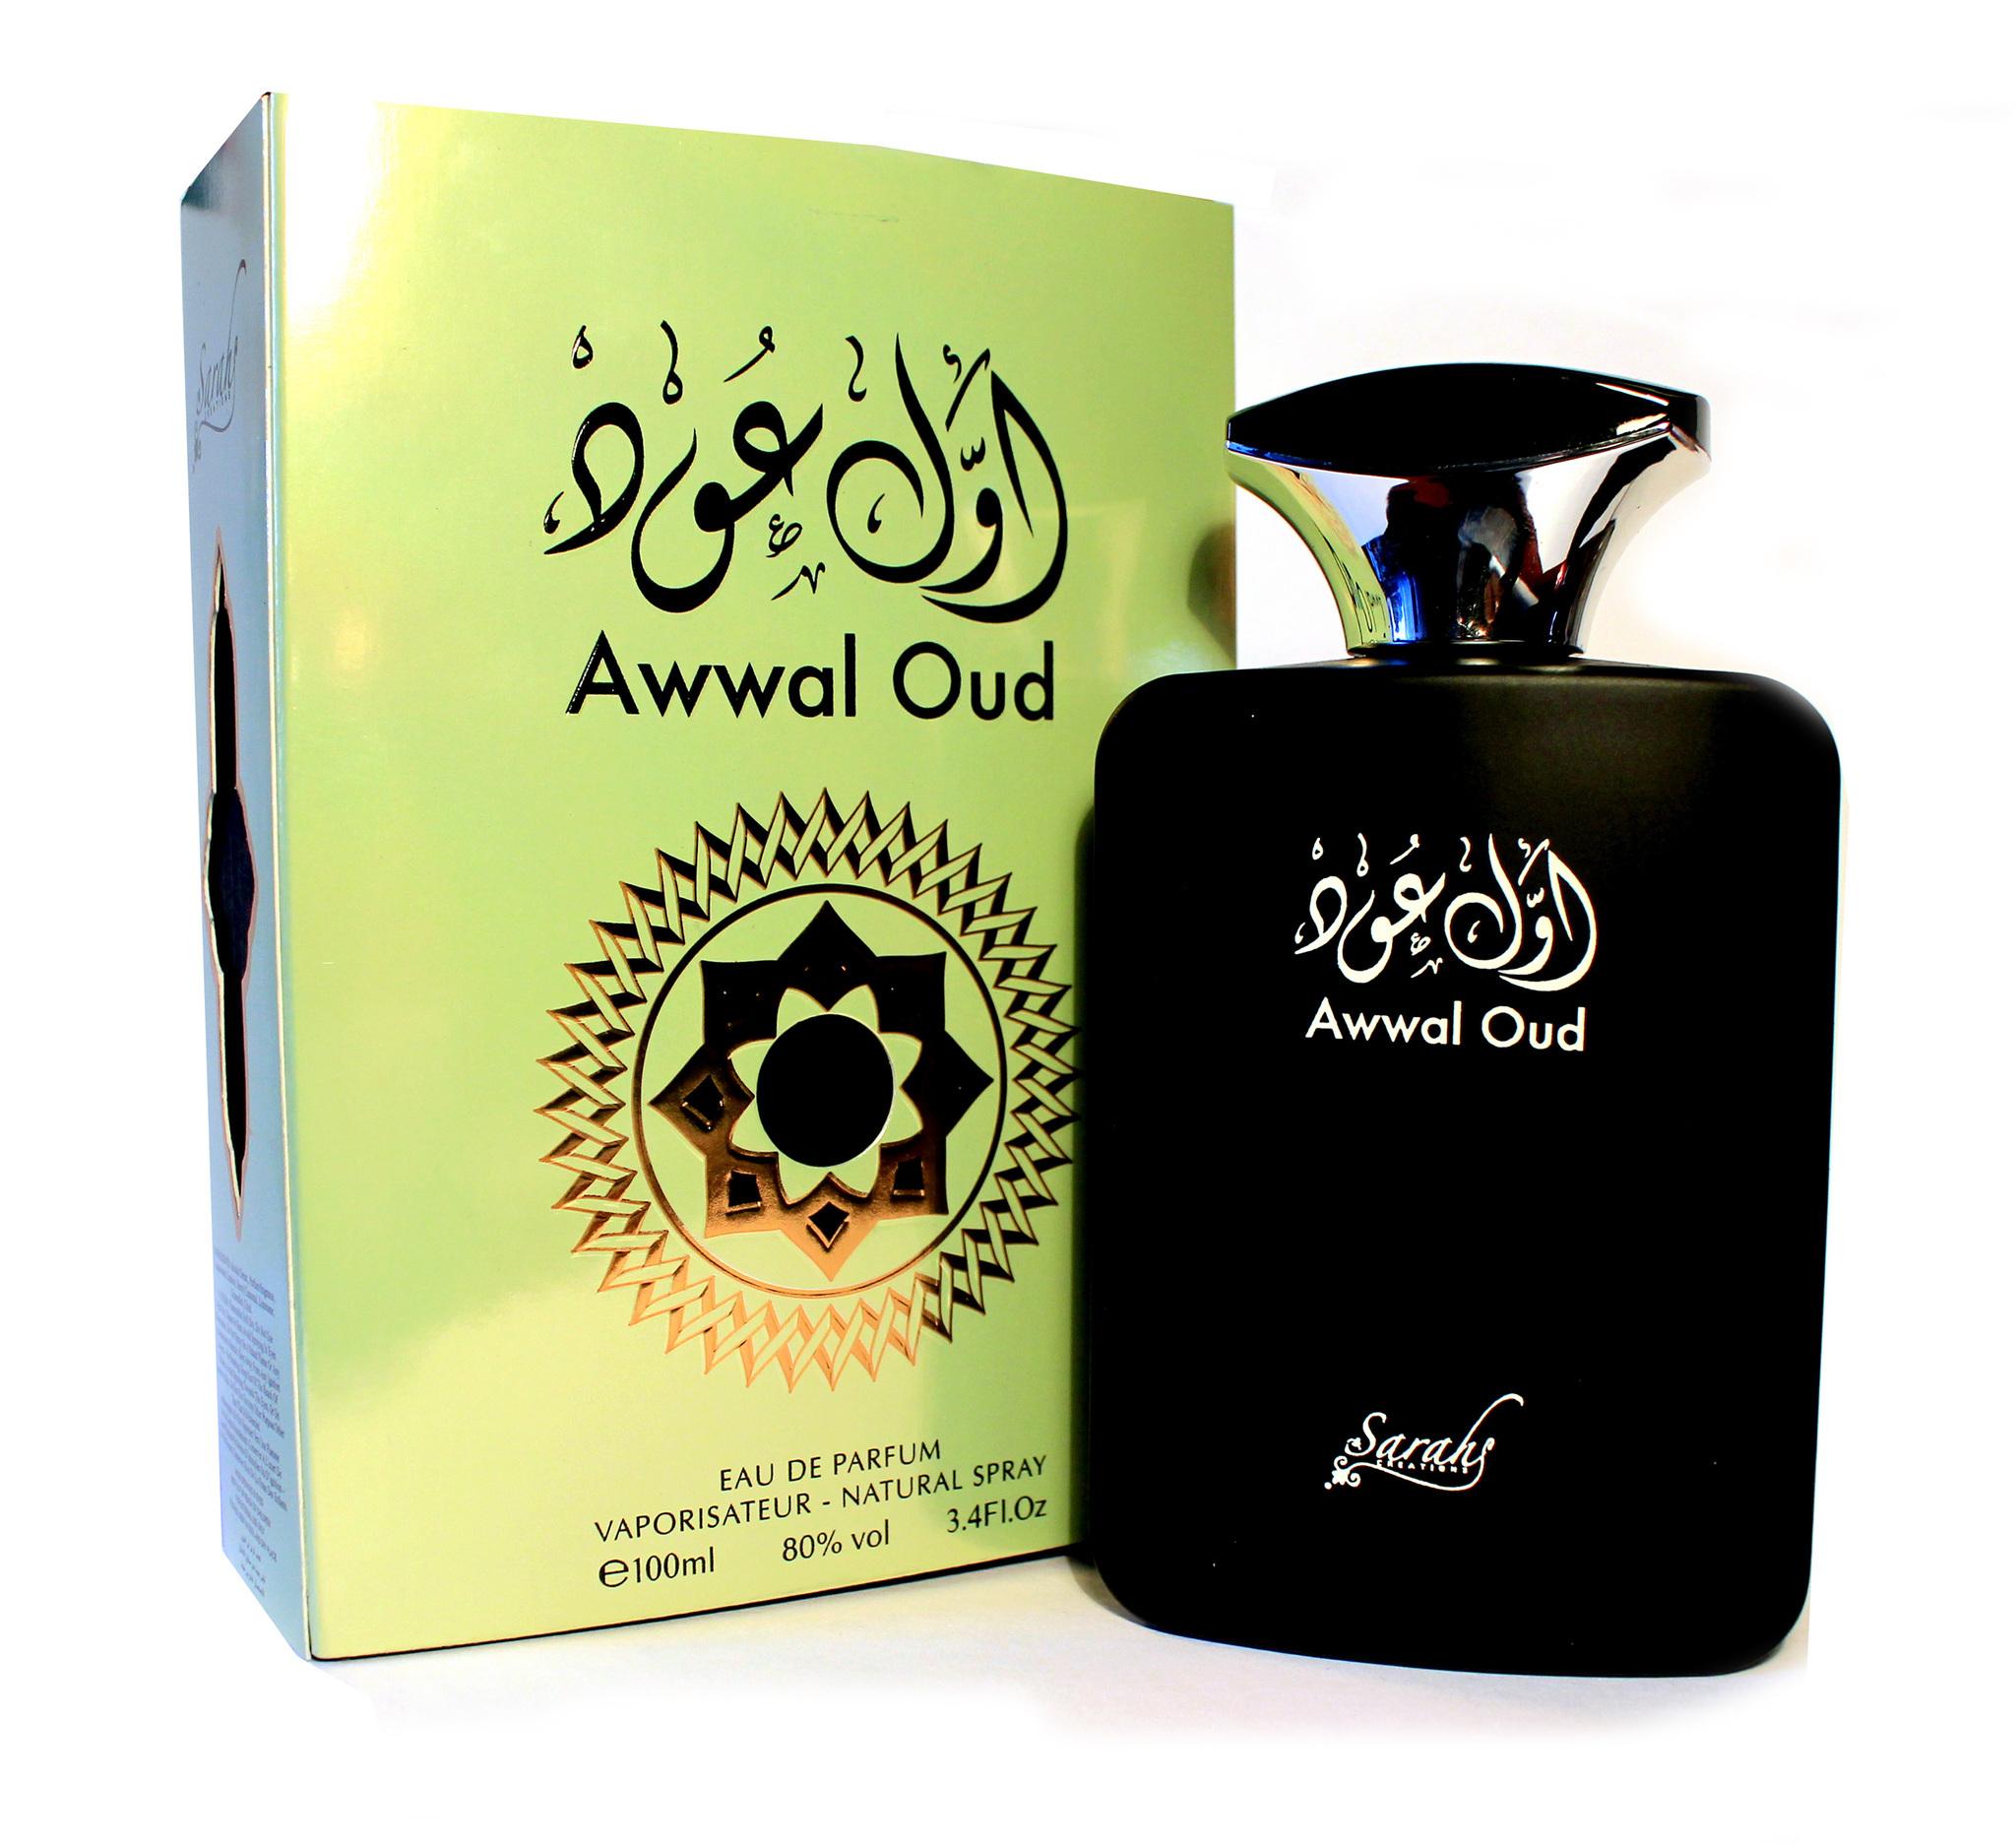 Пробник для Awwal Oud Авваль Уд 1 мл спрей от Май Парфюмс My Perfumes